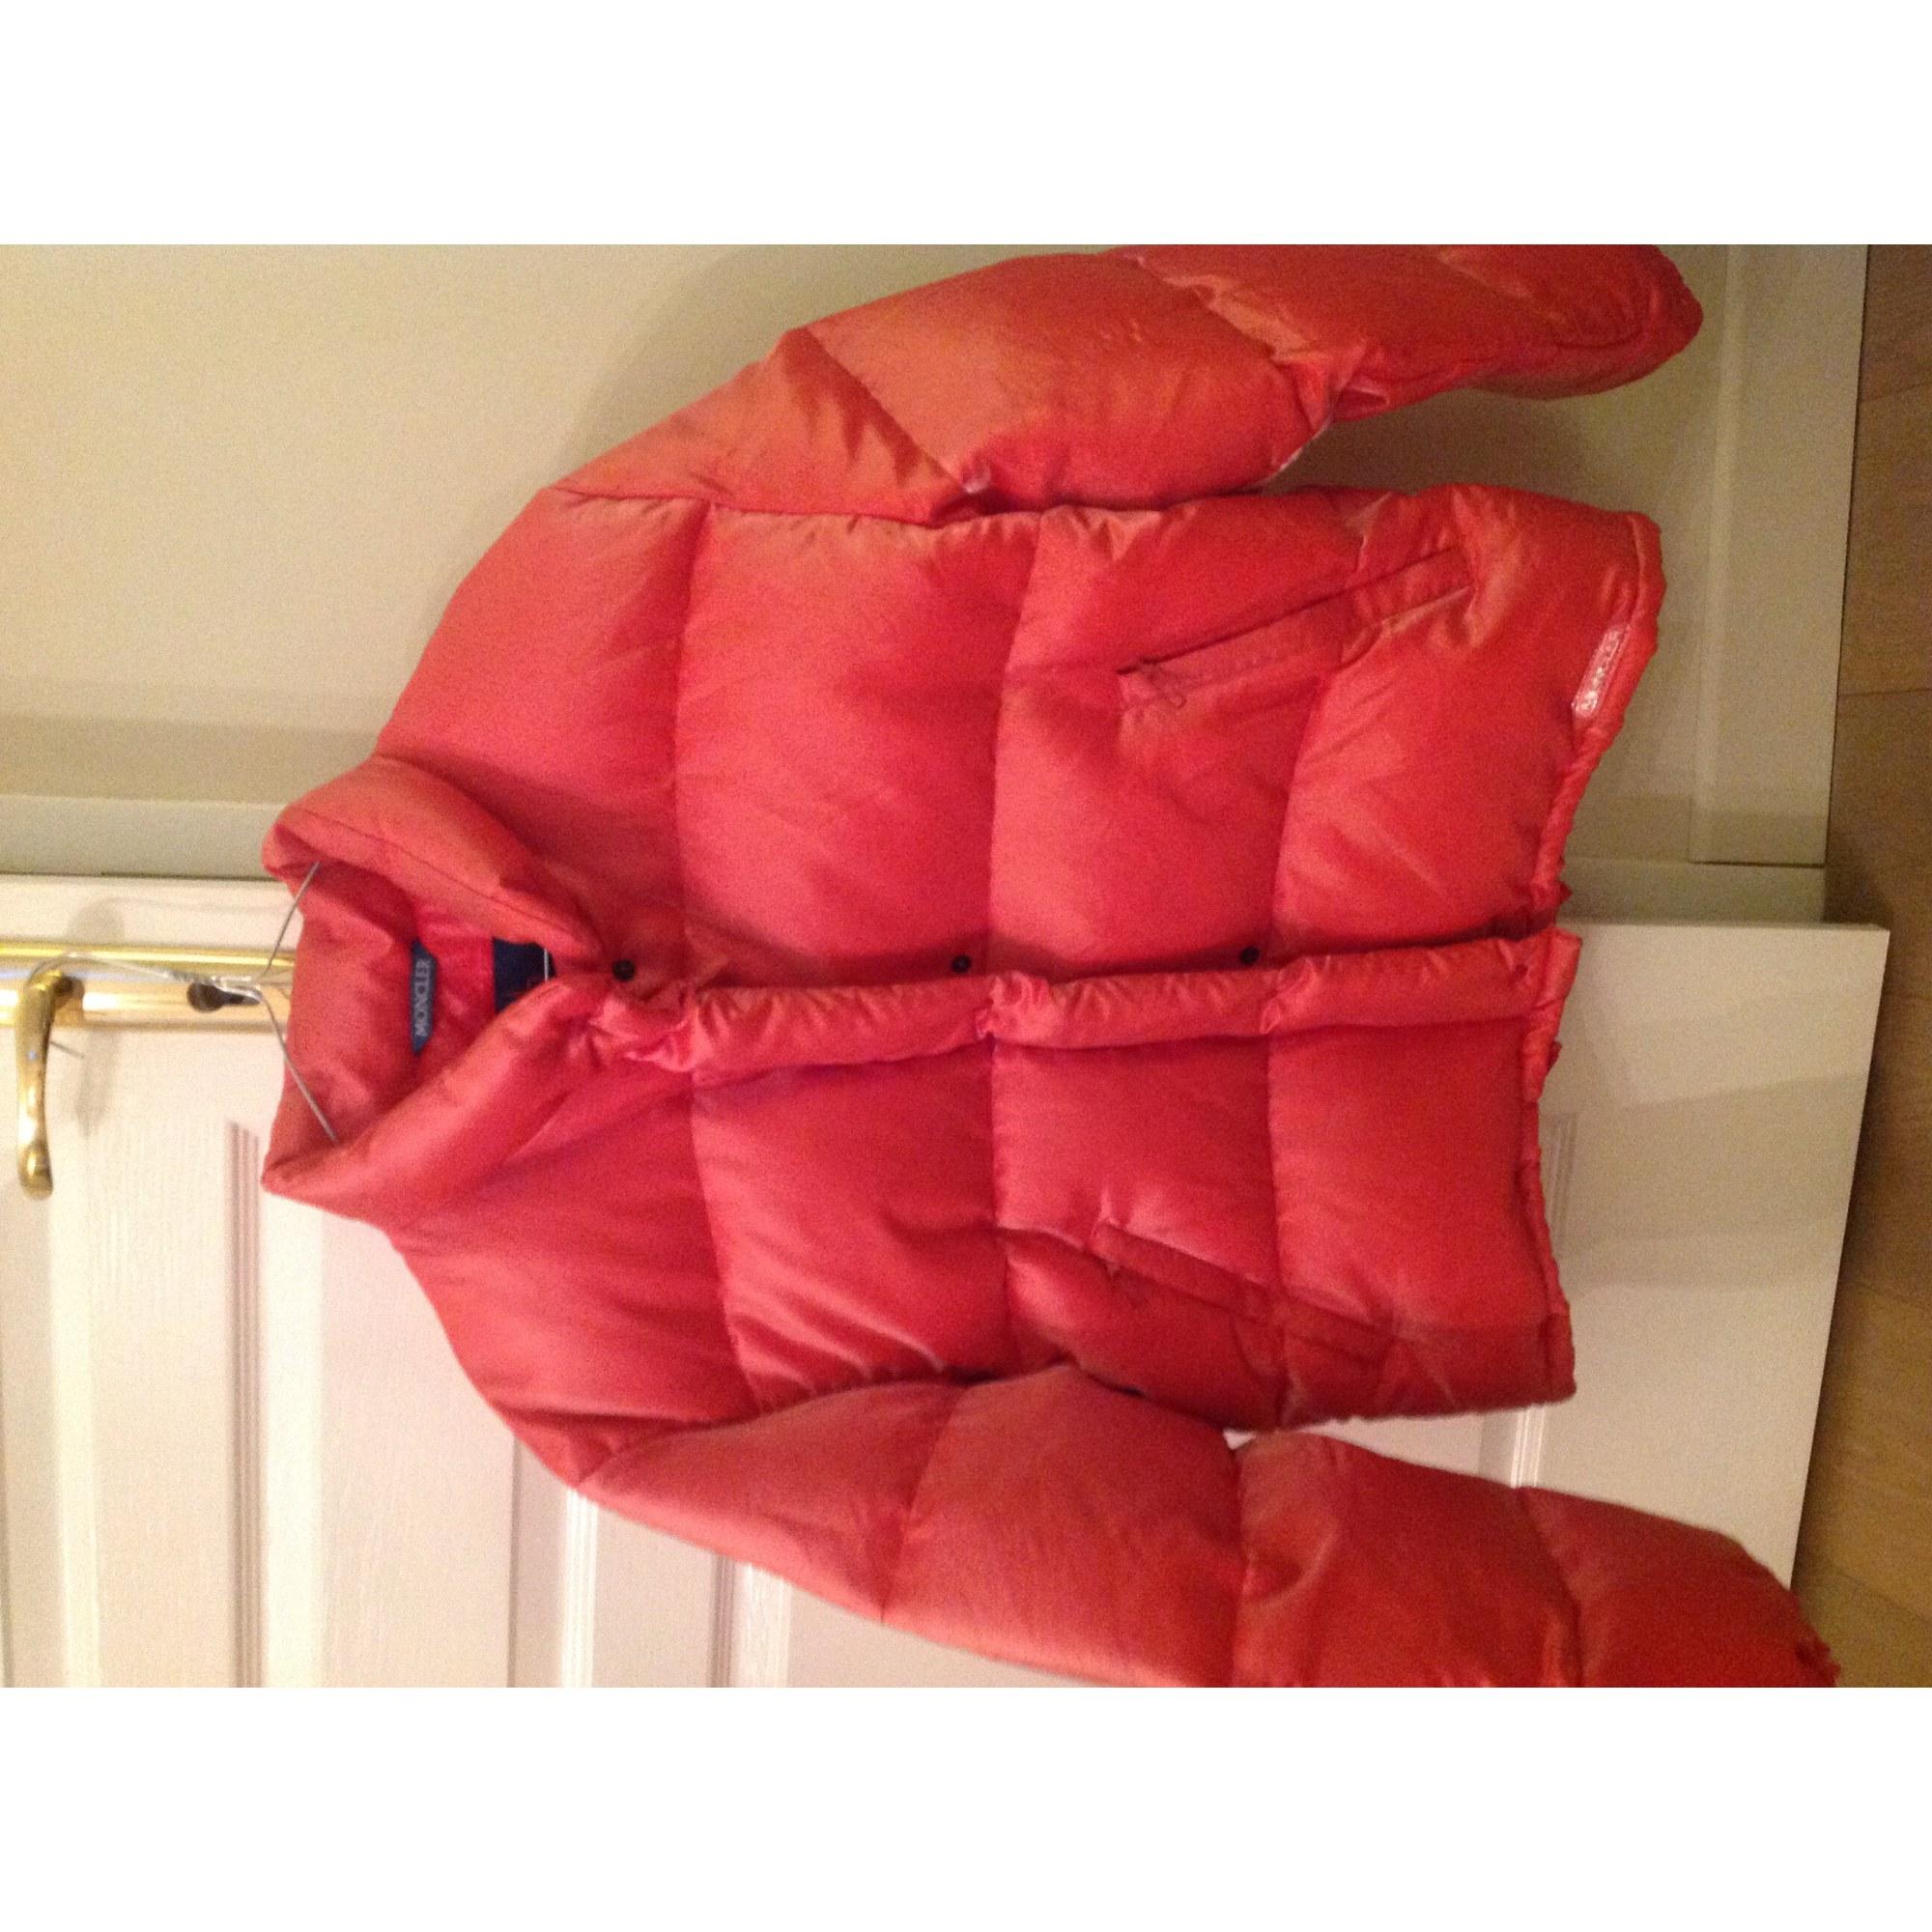 Doudoune MONCLER 40 (L, T3) rouge vendu par Caroline 350734 - 3881530 f15bd802aae